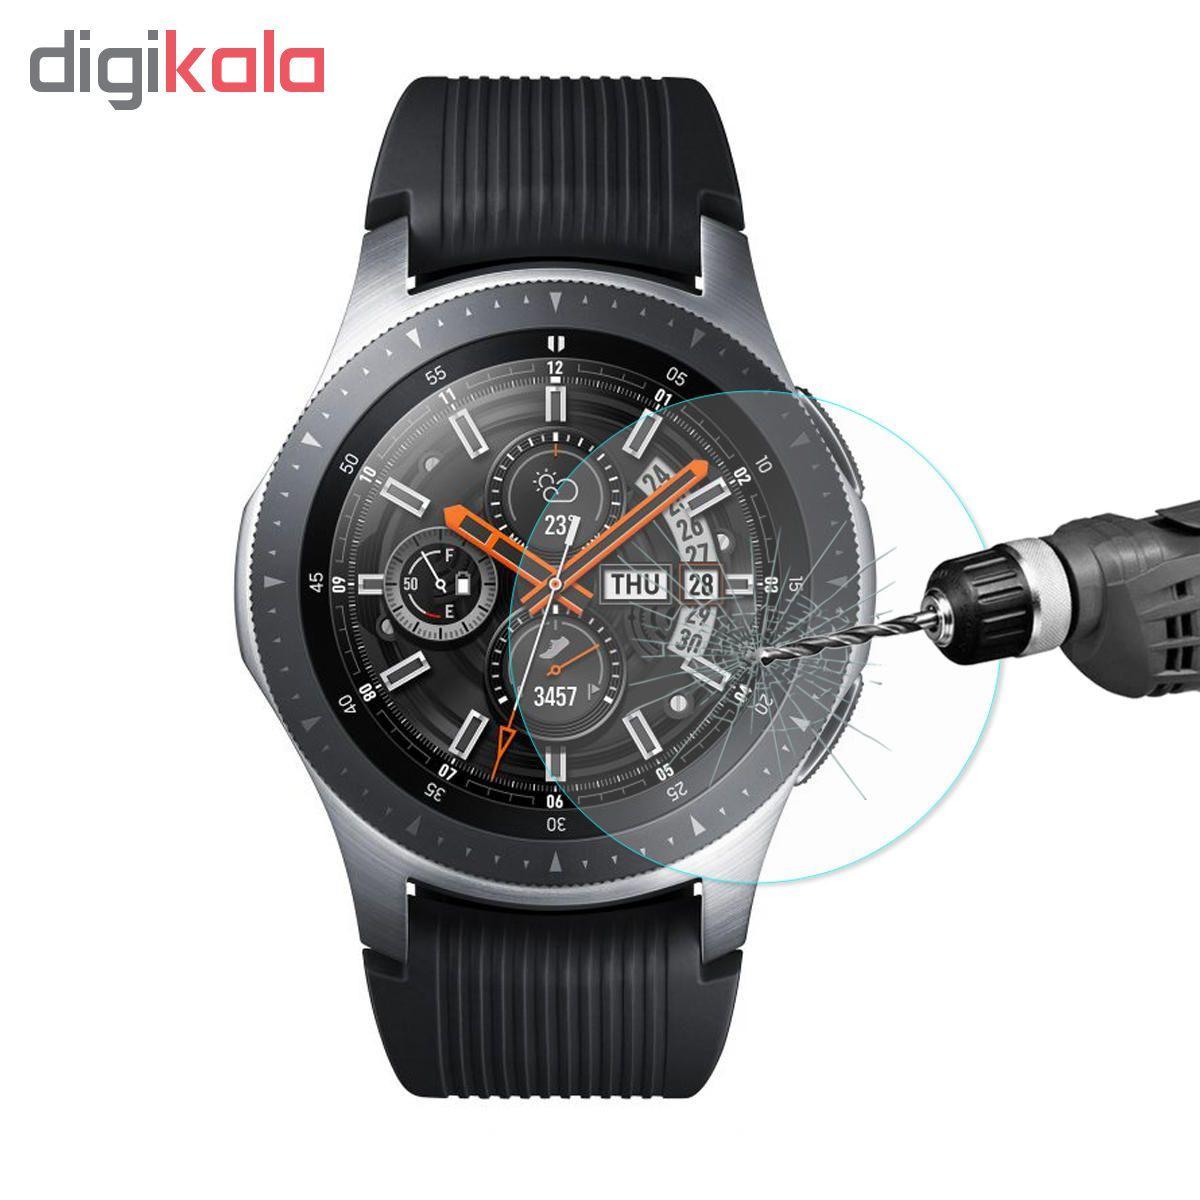 محافظ صفحه نمایش لاین مدل RB007 مناسب برای ساعت هوشمند سامسونگ Galaxy Watch 46mm main 1 8